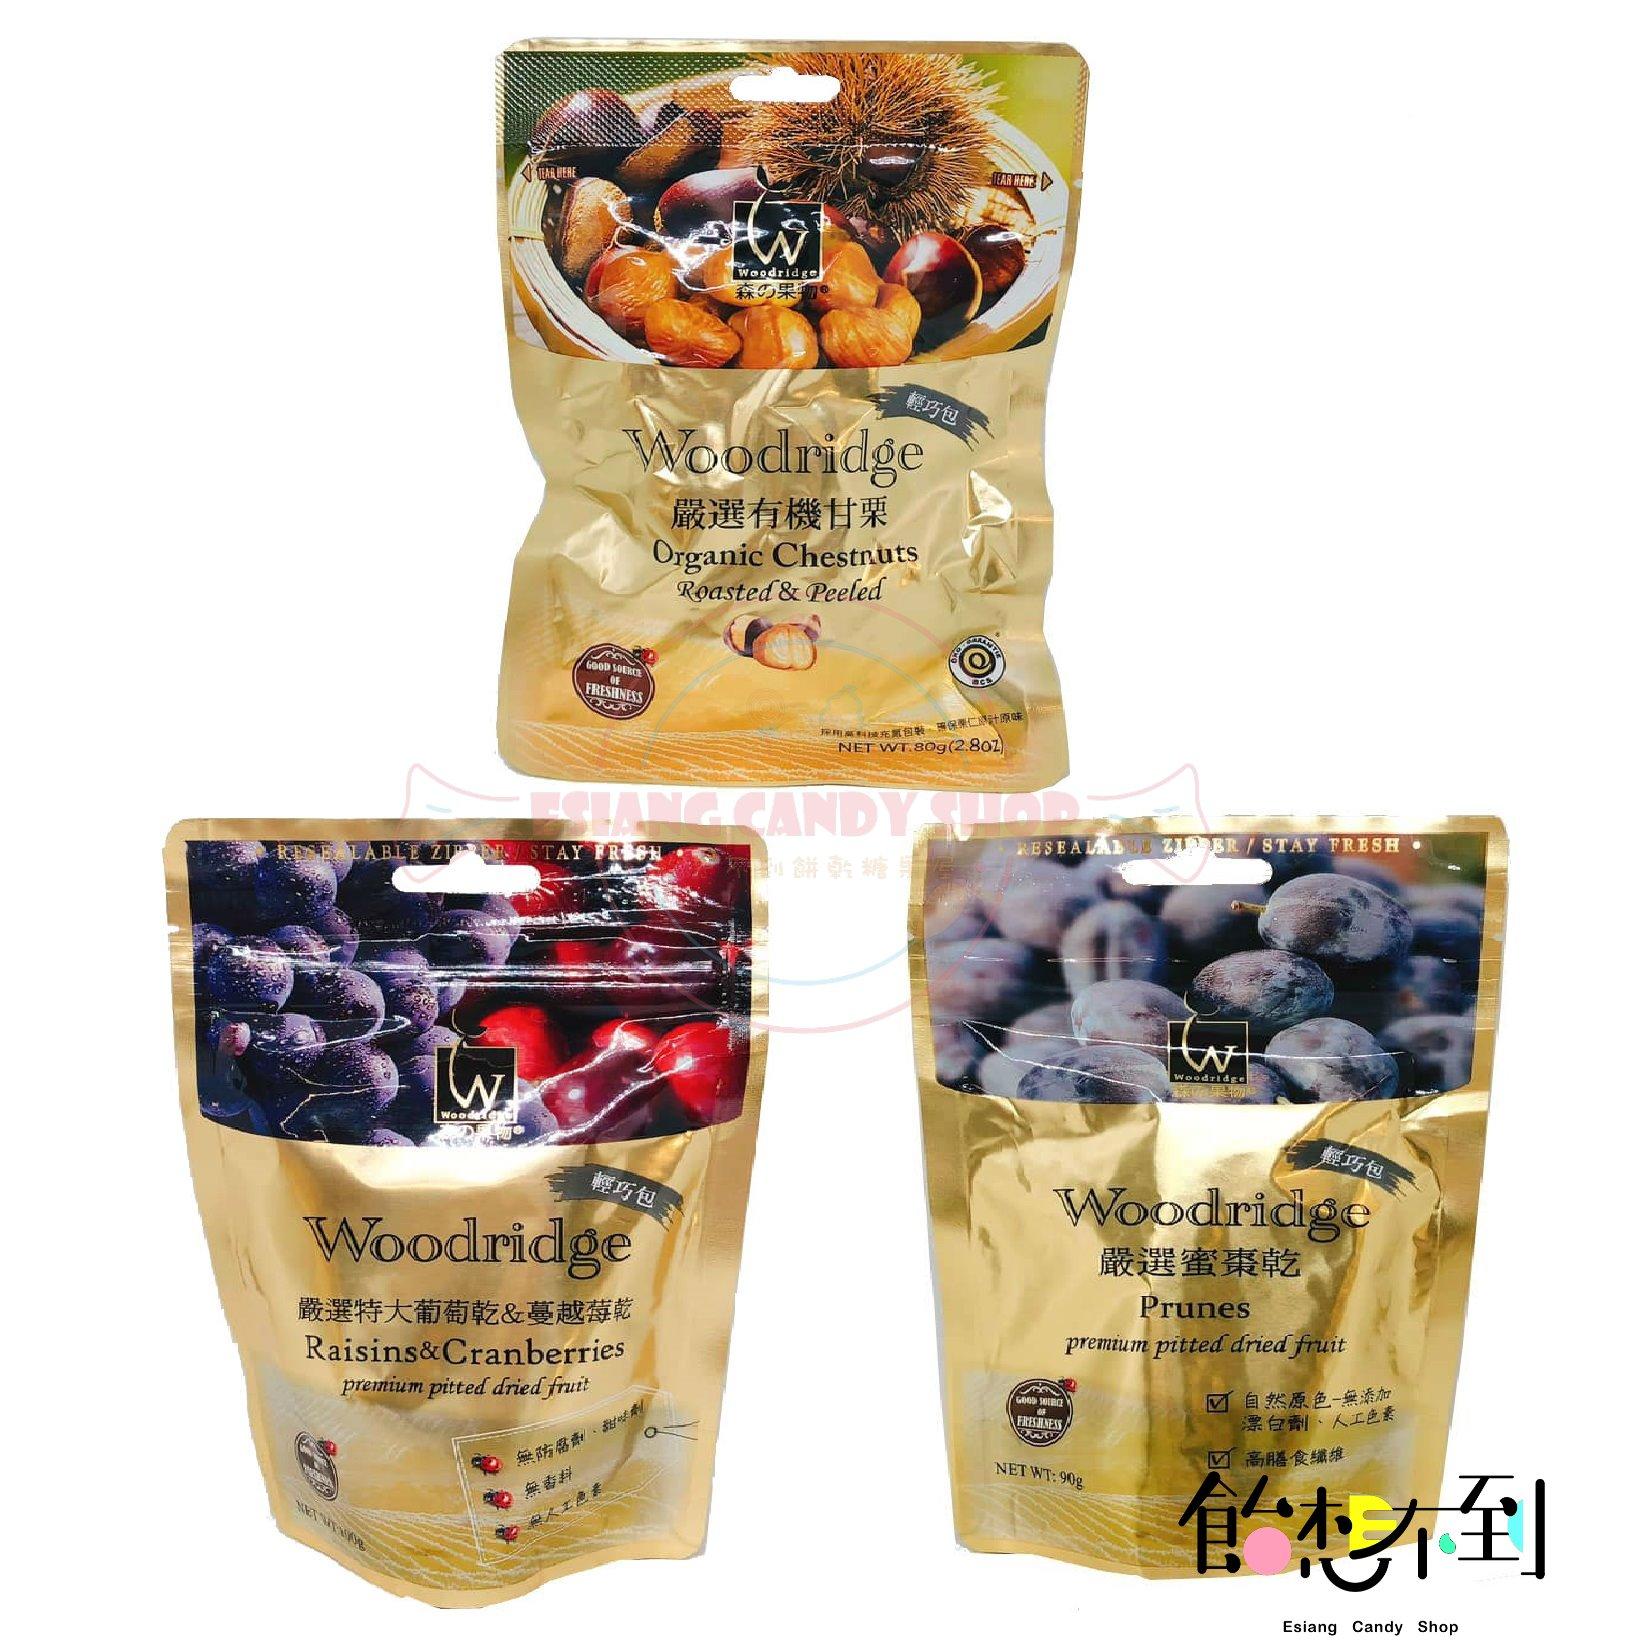 【森之果物嚴選】葡萄乾+蔓越莓乾100g/蜜棗乾90g/有機甘栗80g